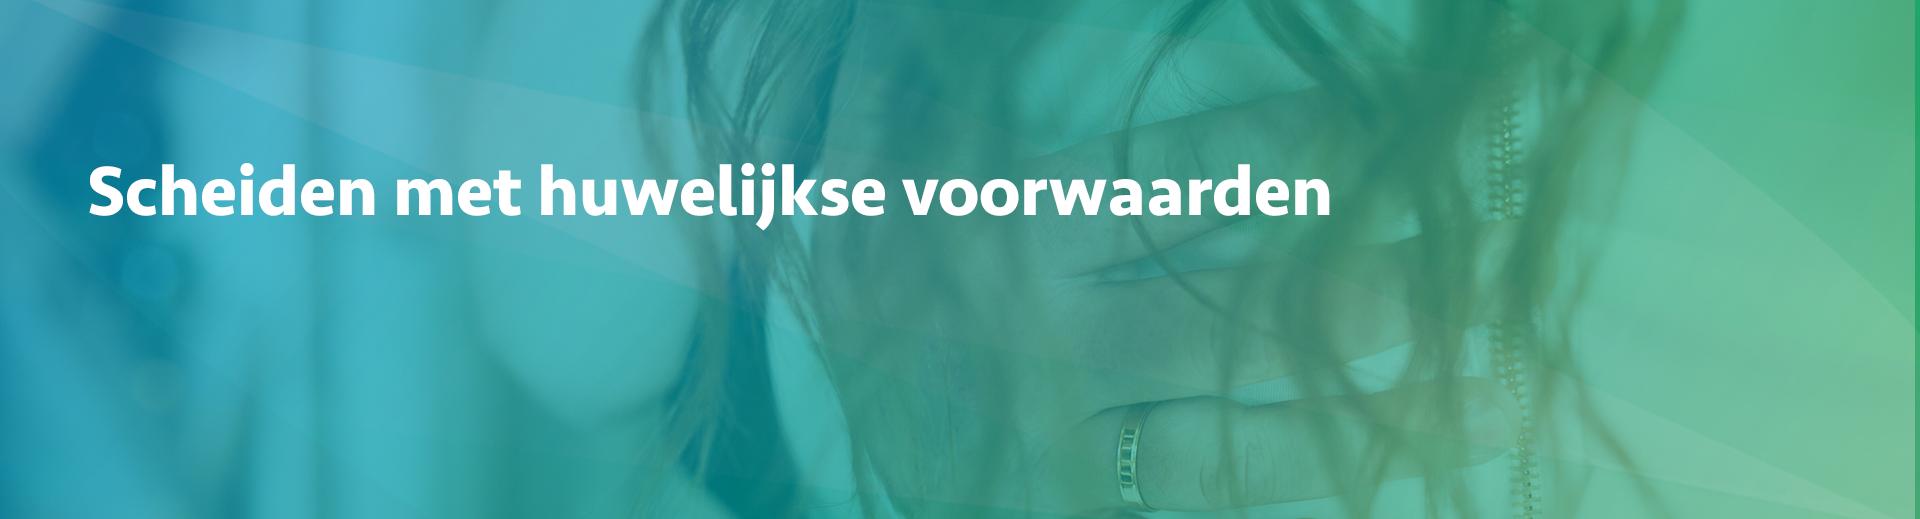 scheiden met huwelijkse voorwaarden - Scheidingsplanner Maastricht - Heerlen - Gulpen